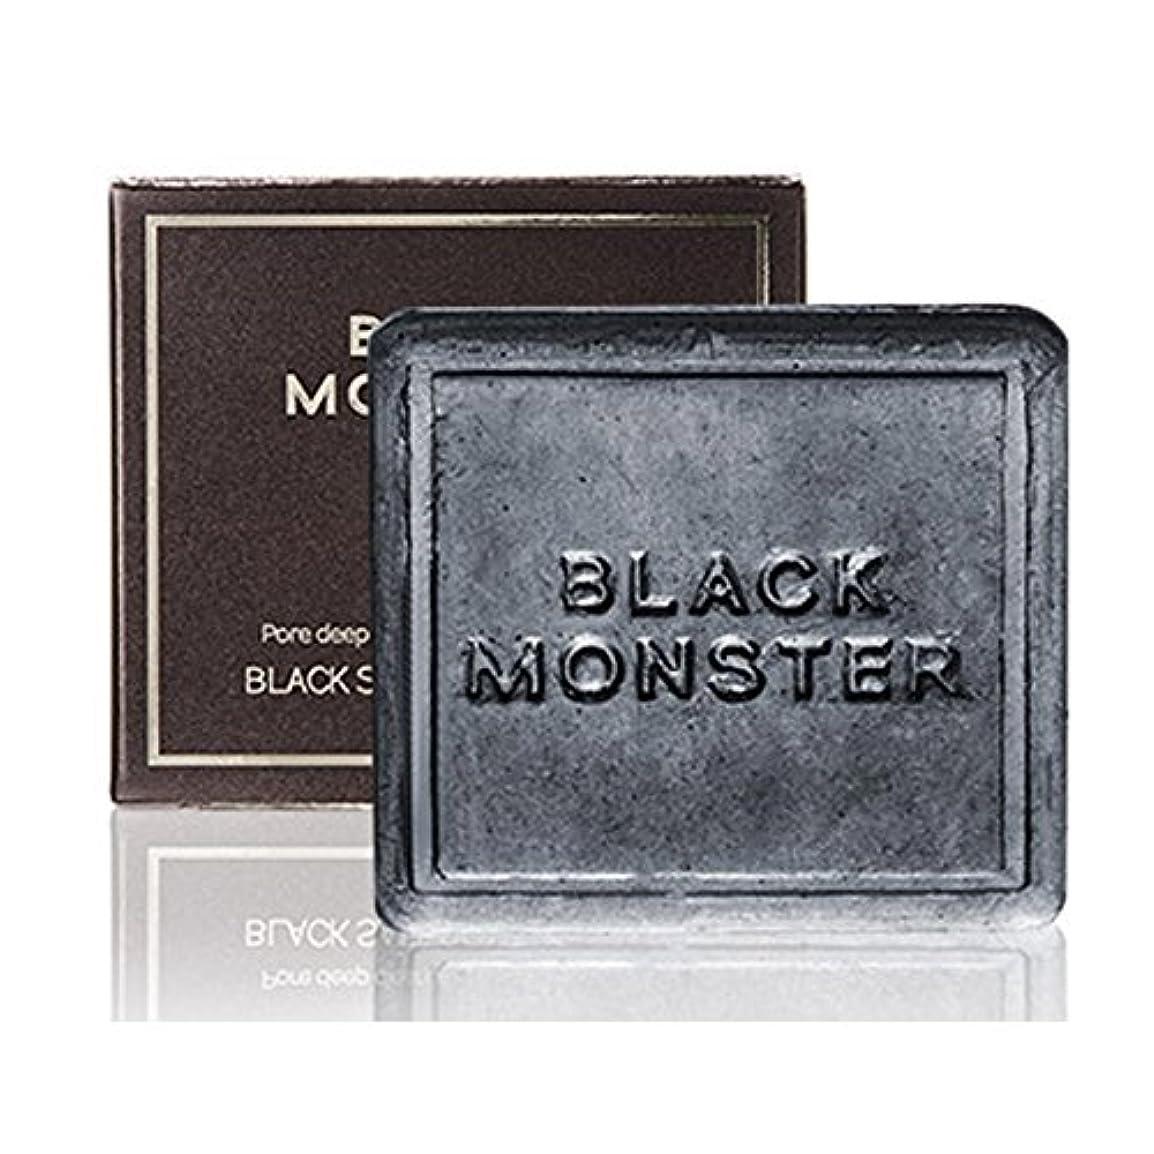 国籍記念日自然[ブレンクTV] blanktv Black Monster ブラックソルトコントロールバー 120g 海外直送品 black salt control bar [並行輸入品]